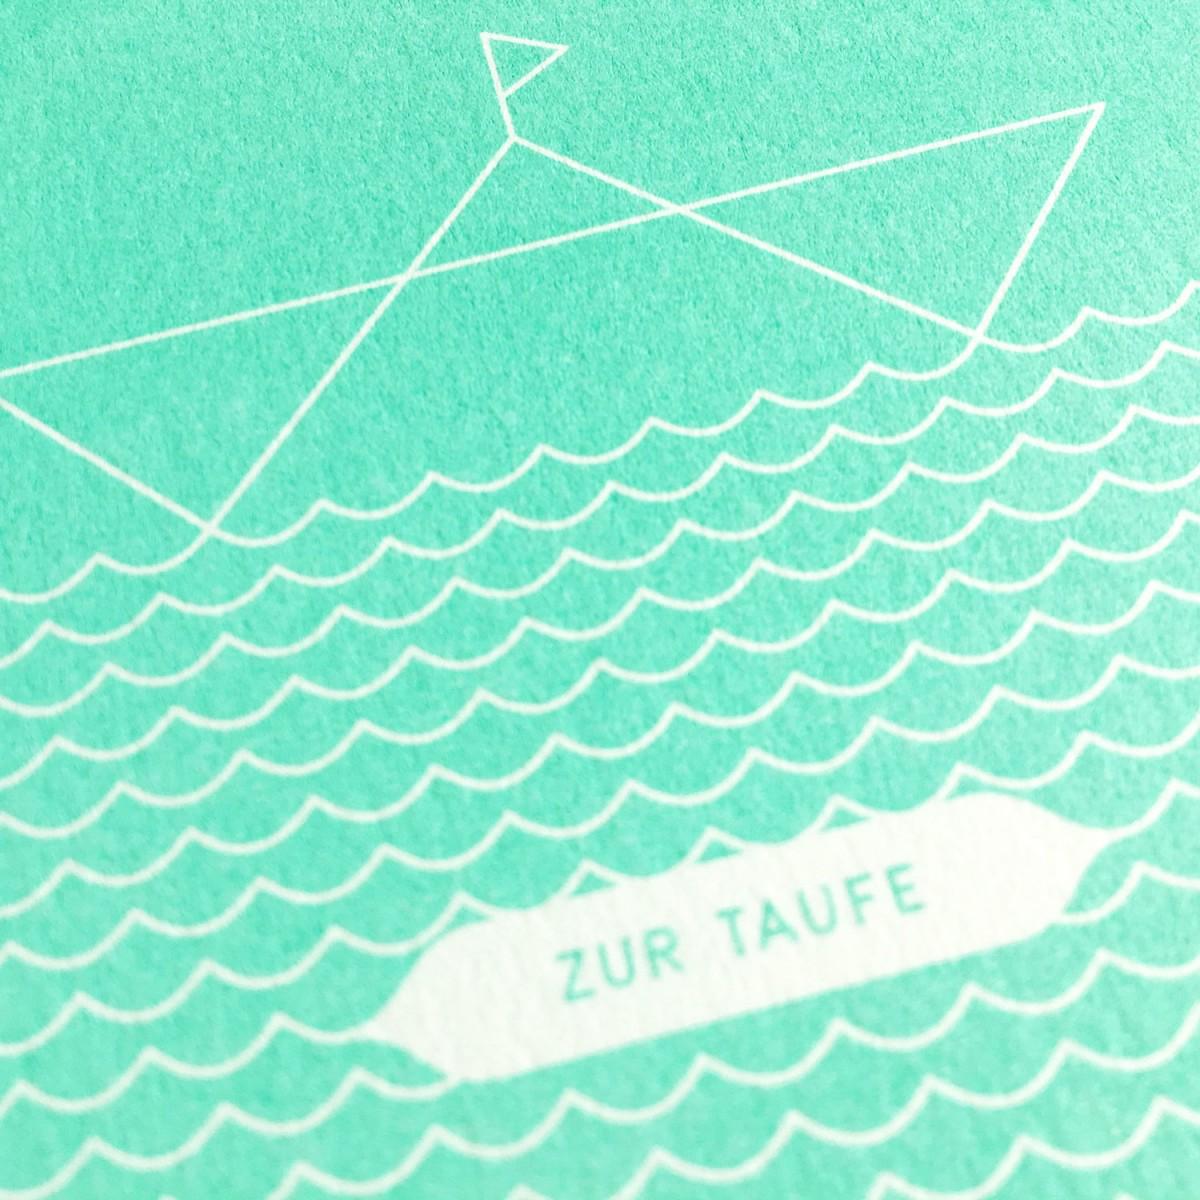 Feingeladen // ROUNDABOUT // Boot »Zur Taufe« (MI) Klappkarte, A6